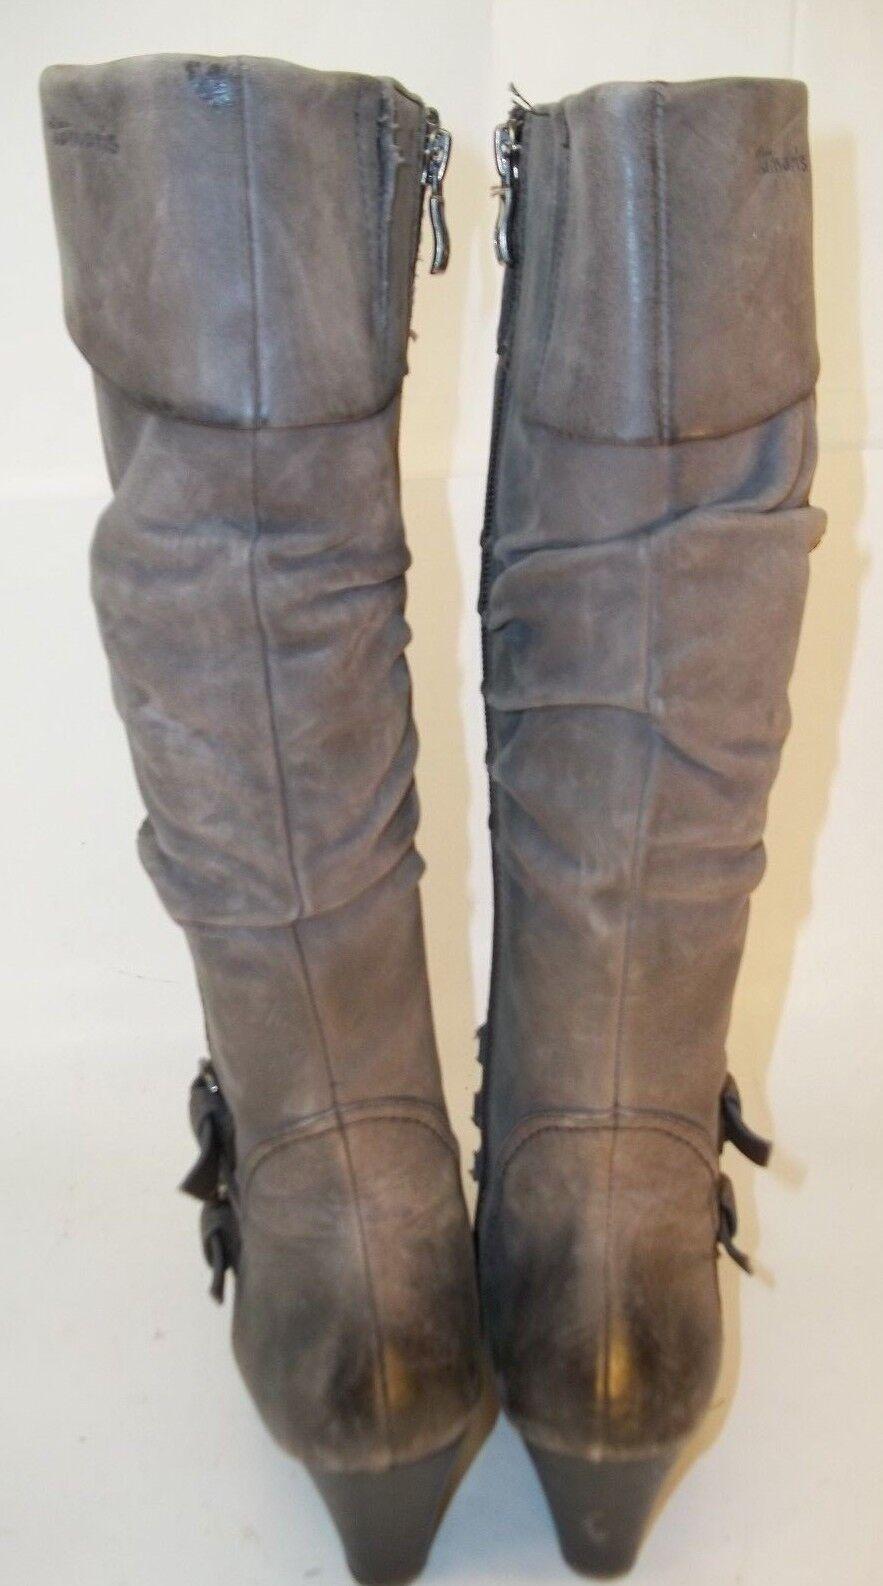 Tamaris Mujeres botas De Alto EU 37 gris gris gris Cuero Cremallera Hebilla Slouchy Tacones 2393 fc589a